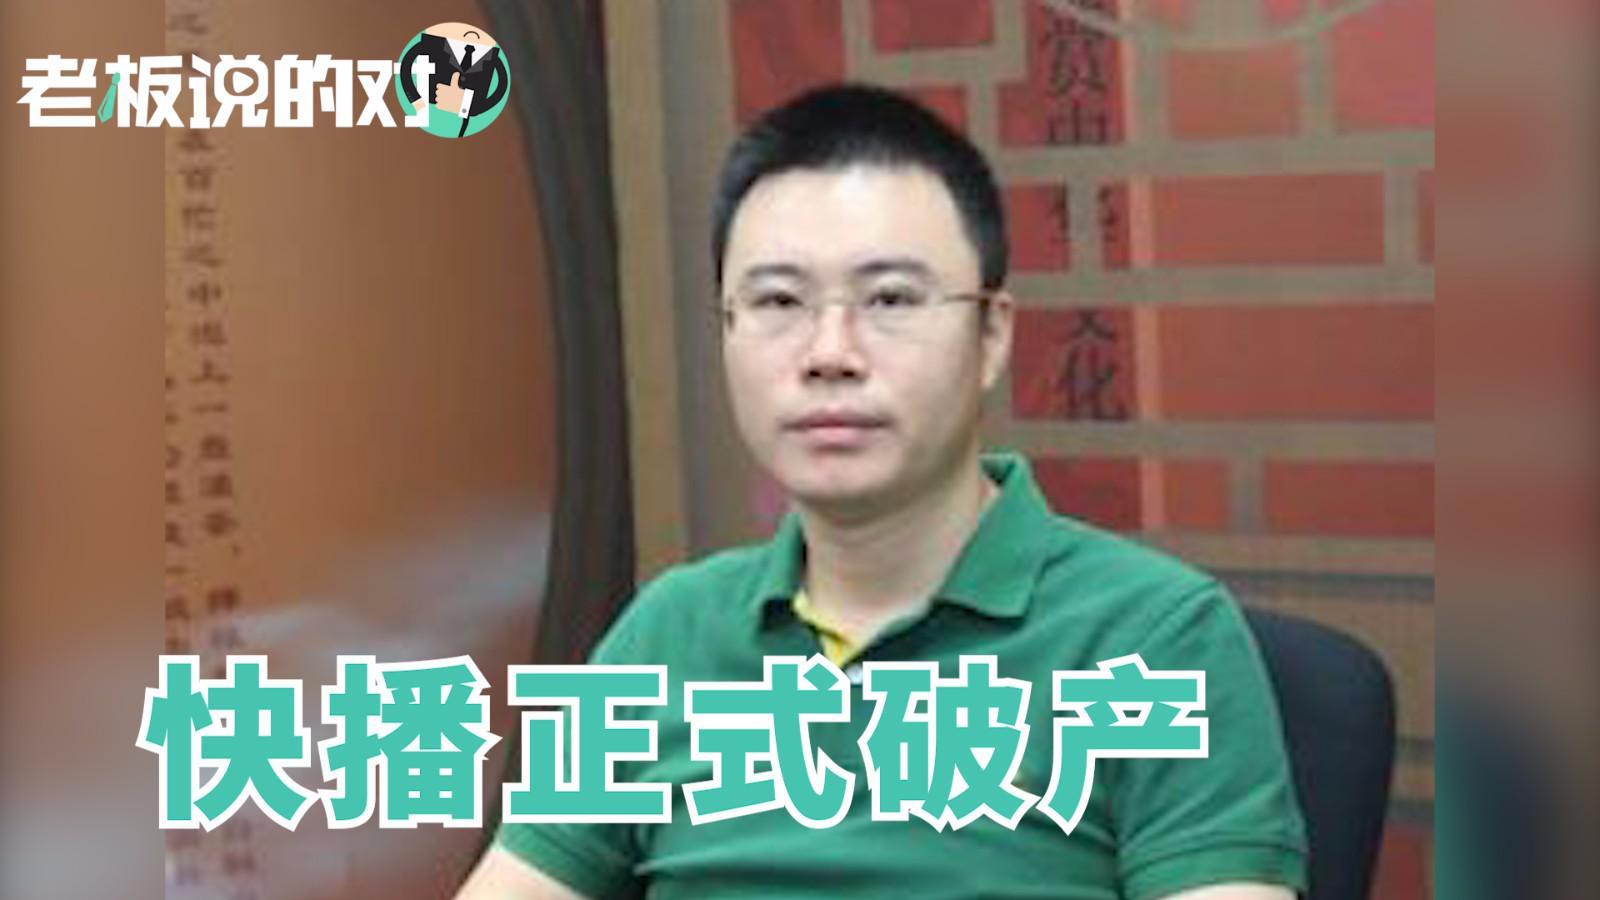 快播落幕申请破产清算 创始人王欣微博